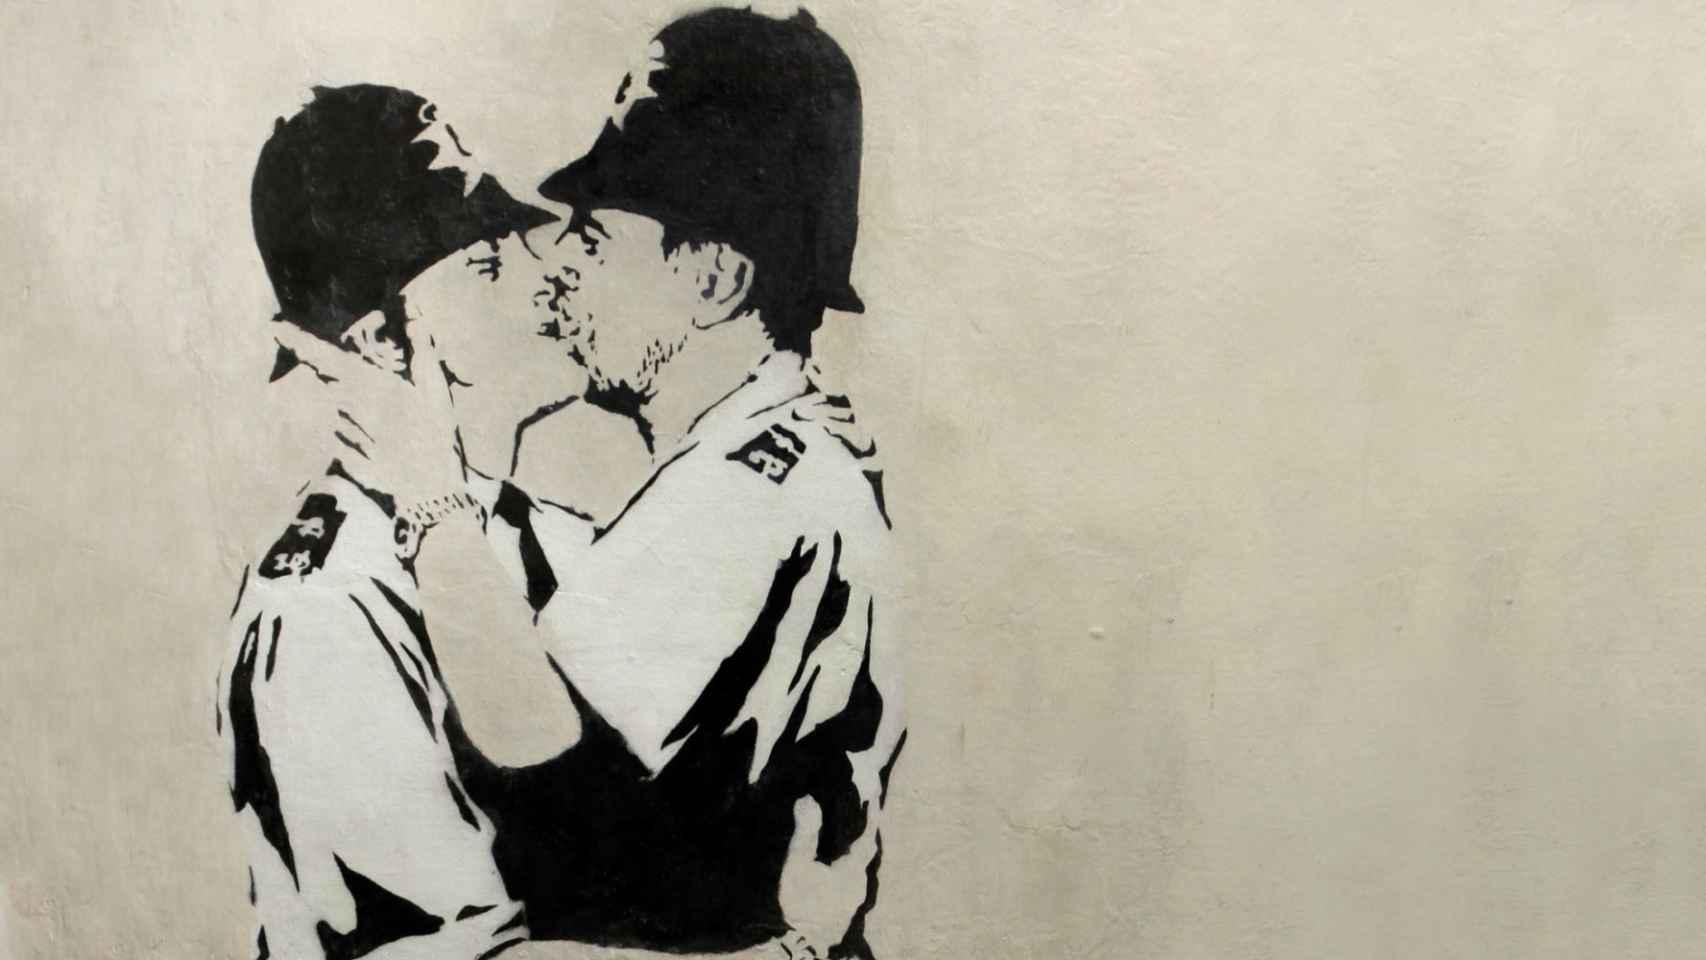 Dos policías británicos se besan en una de las obras de Banksy